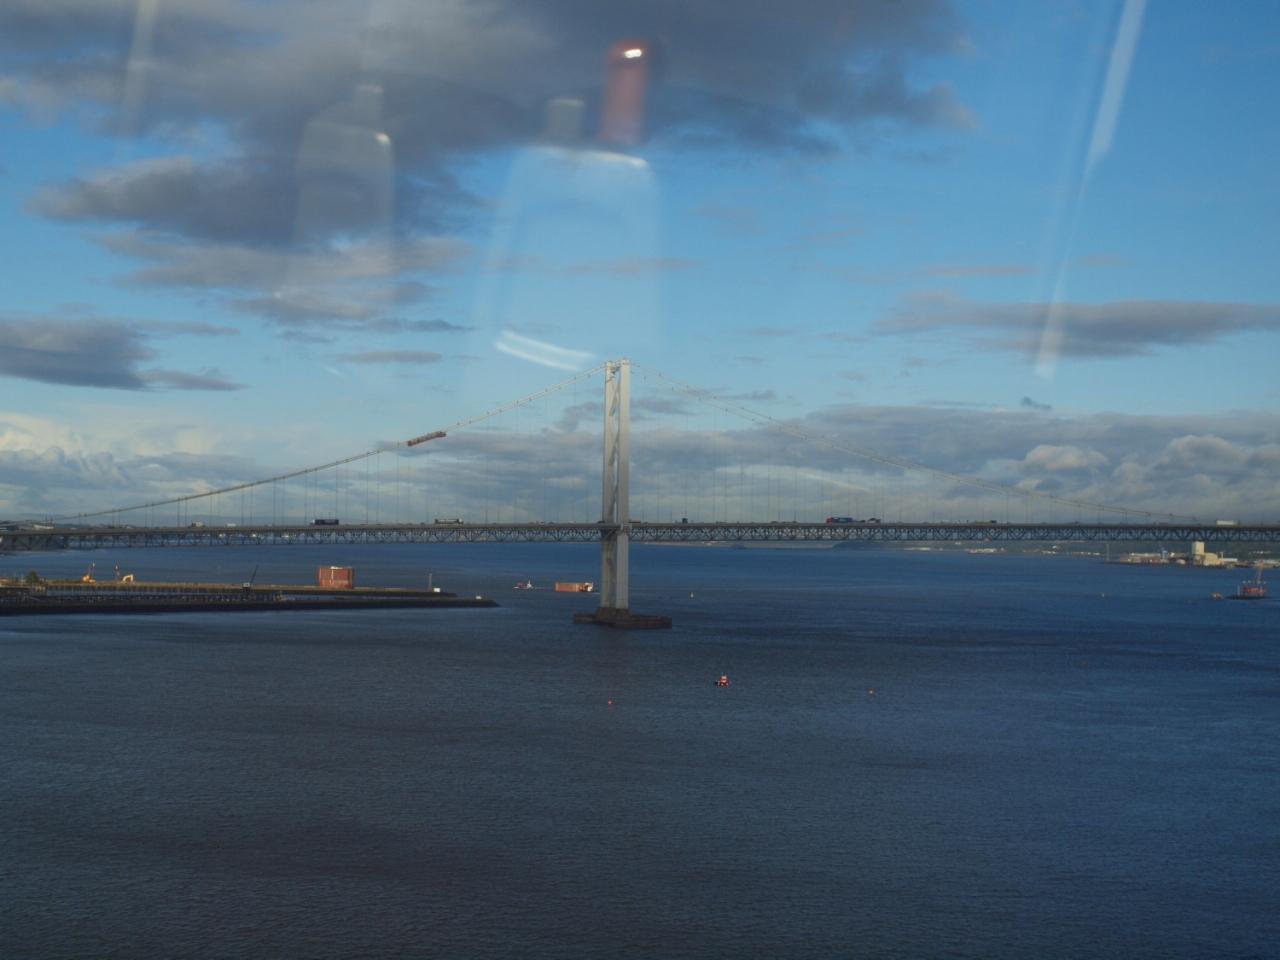 フォース鉄道橋の画像 p1_15